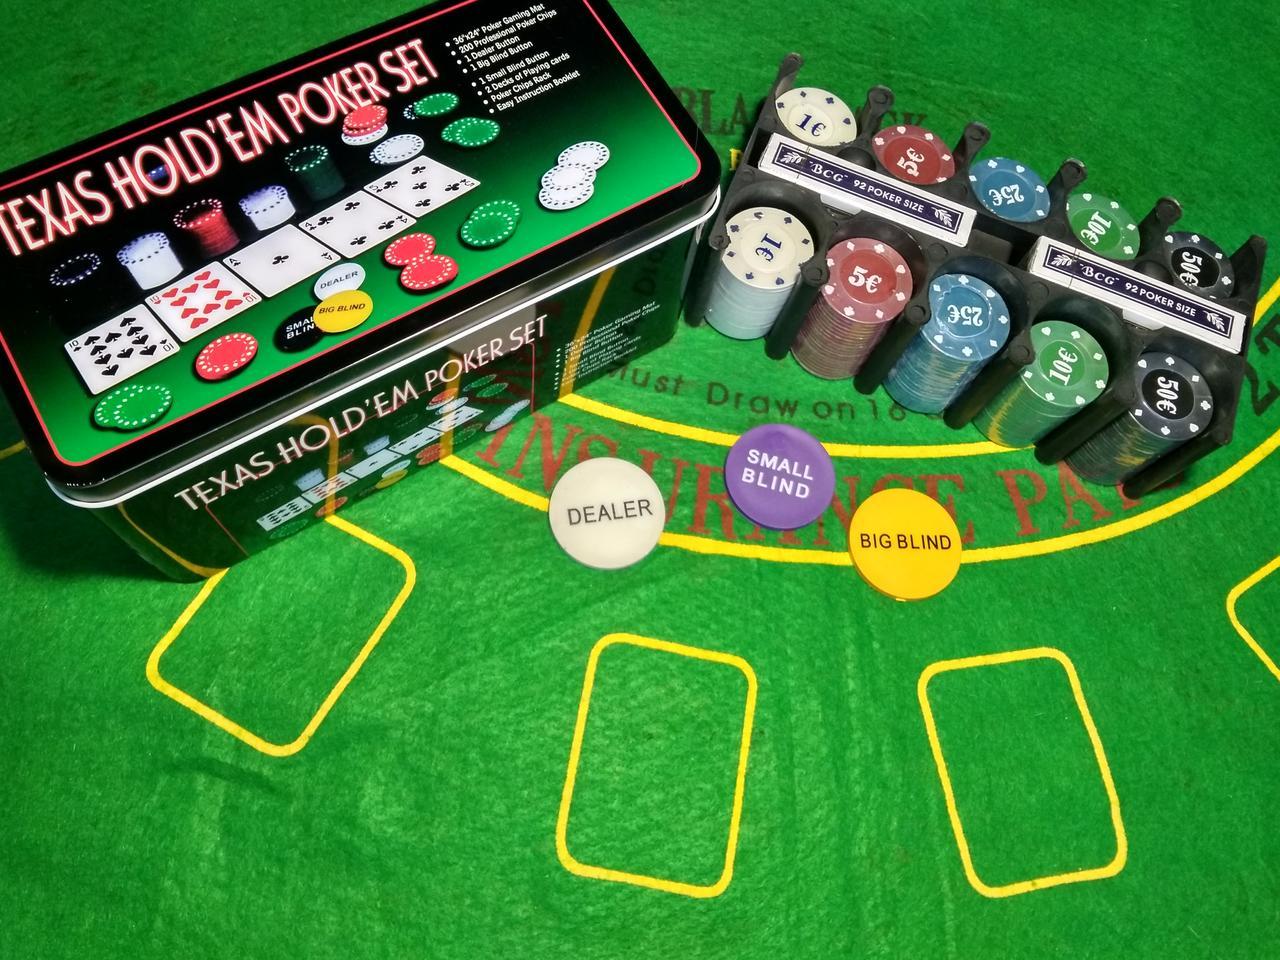 набор покер киев